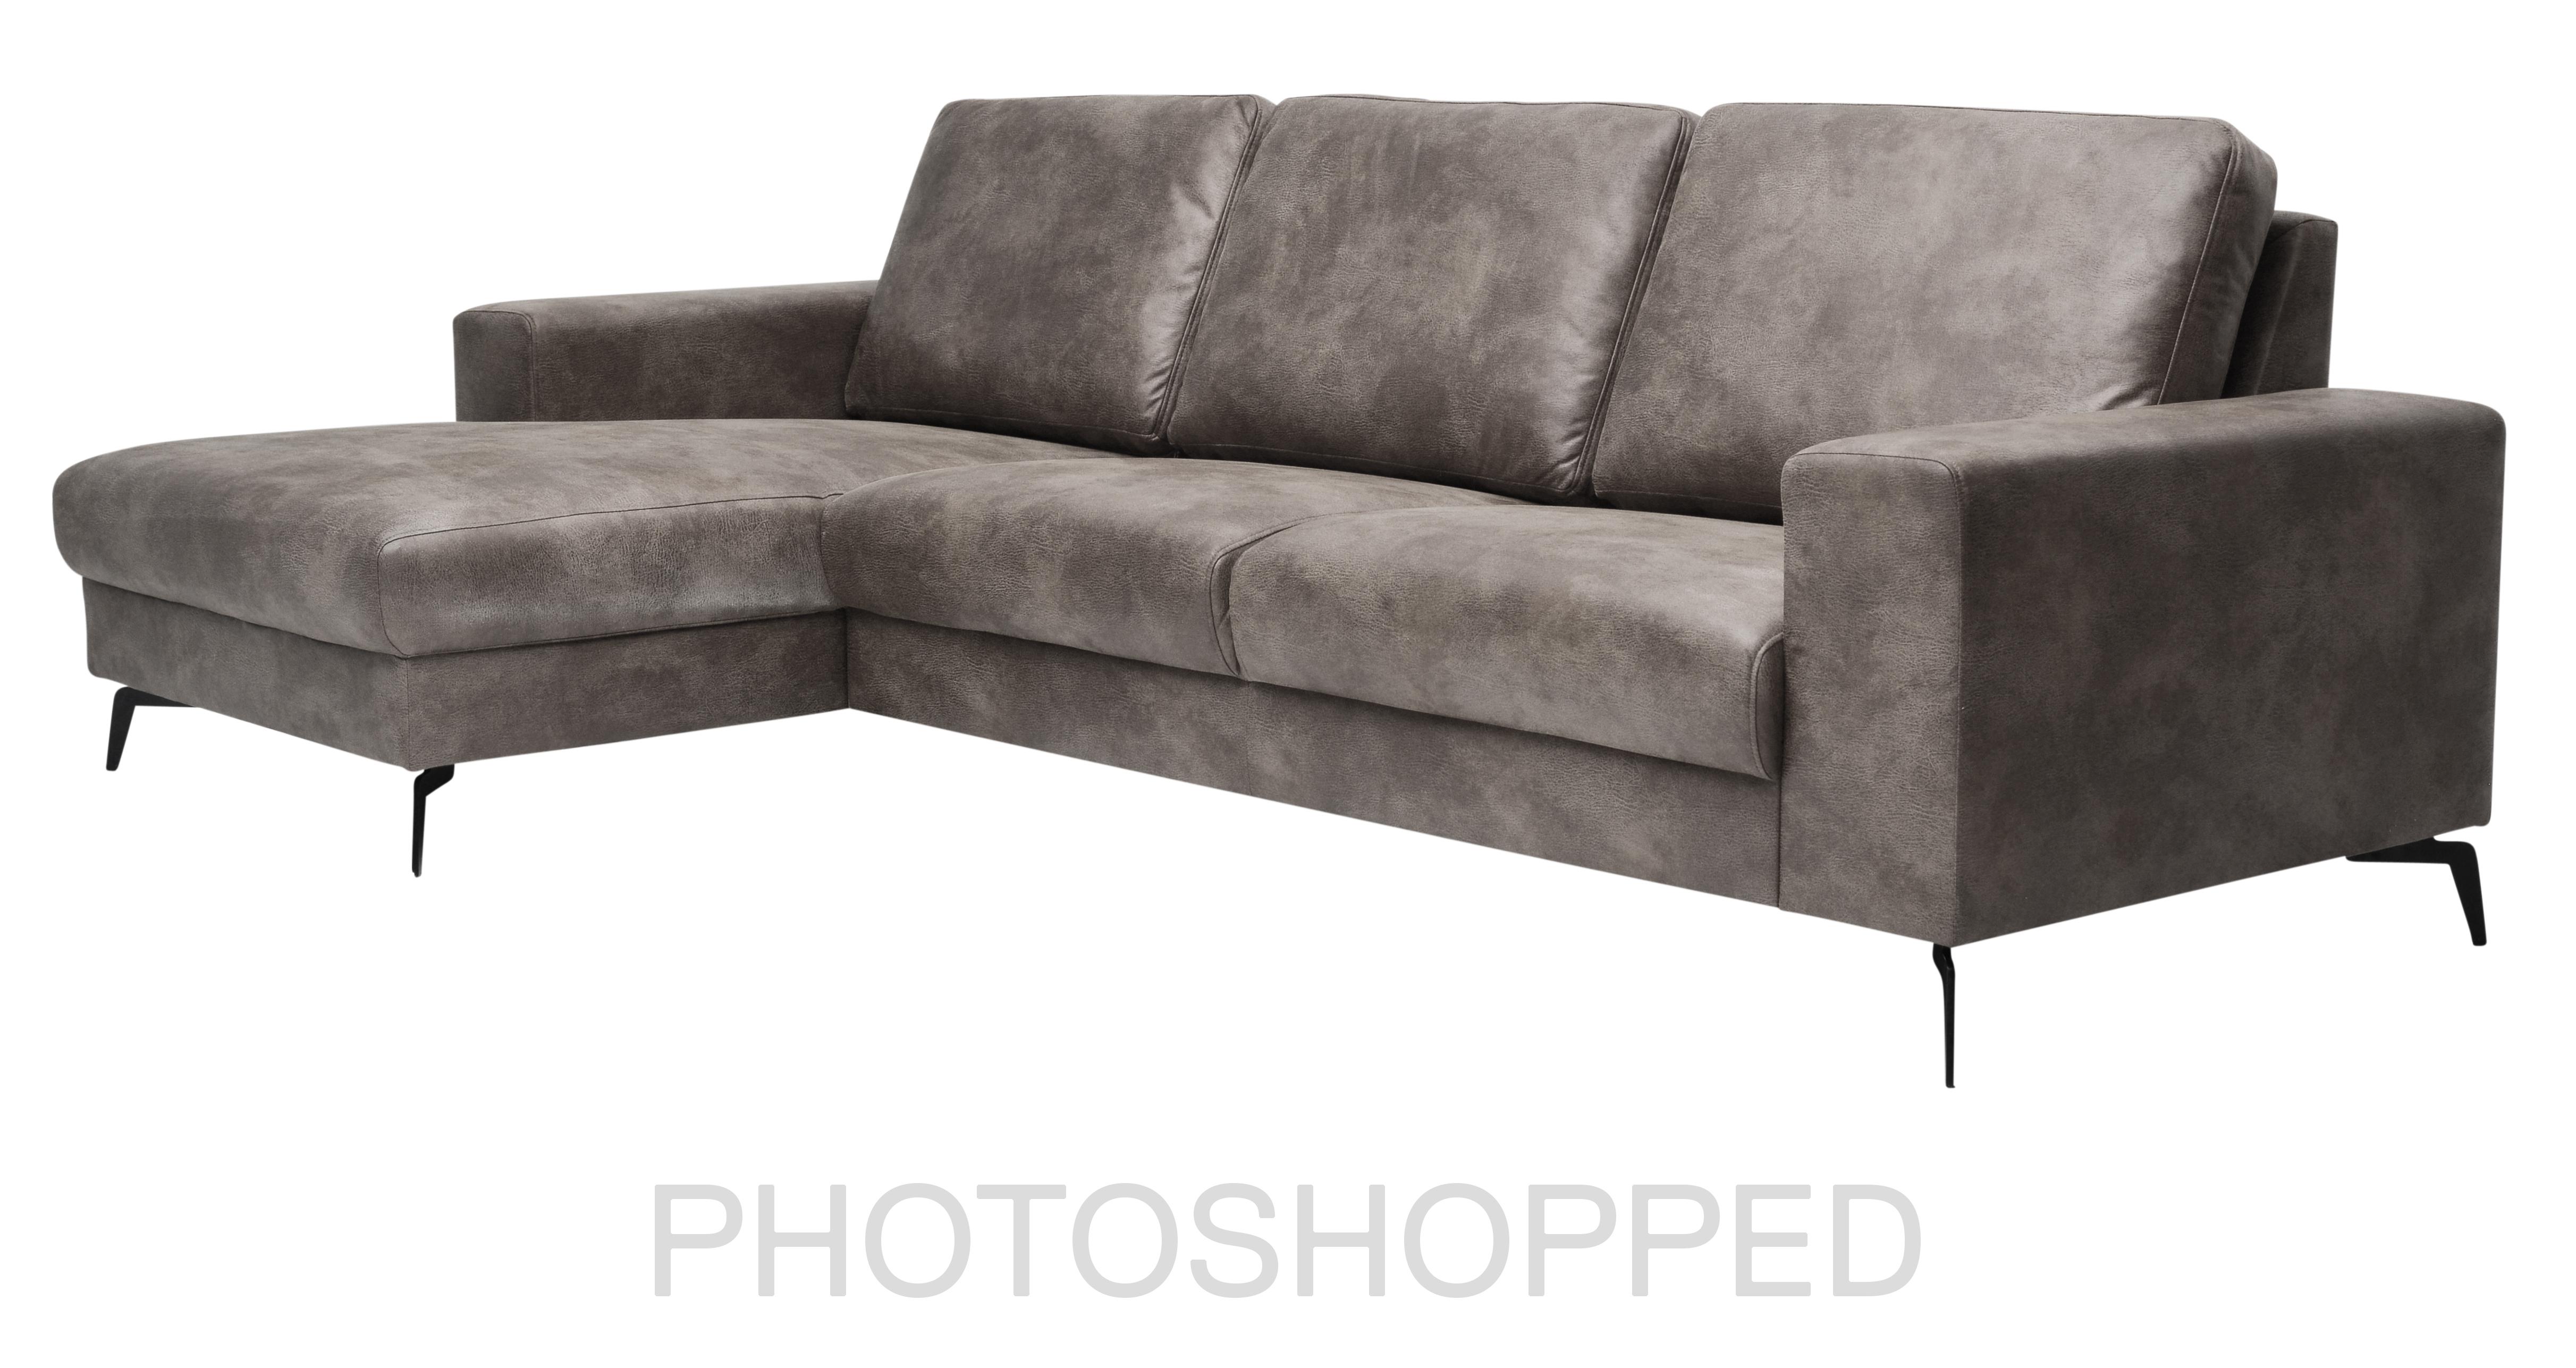 PADOVA Sofa